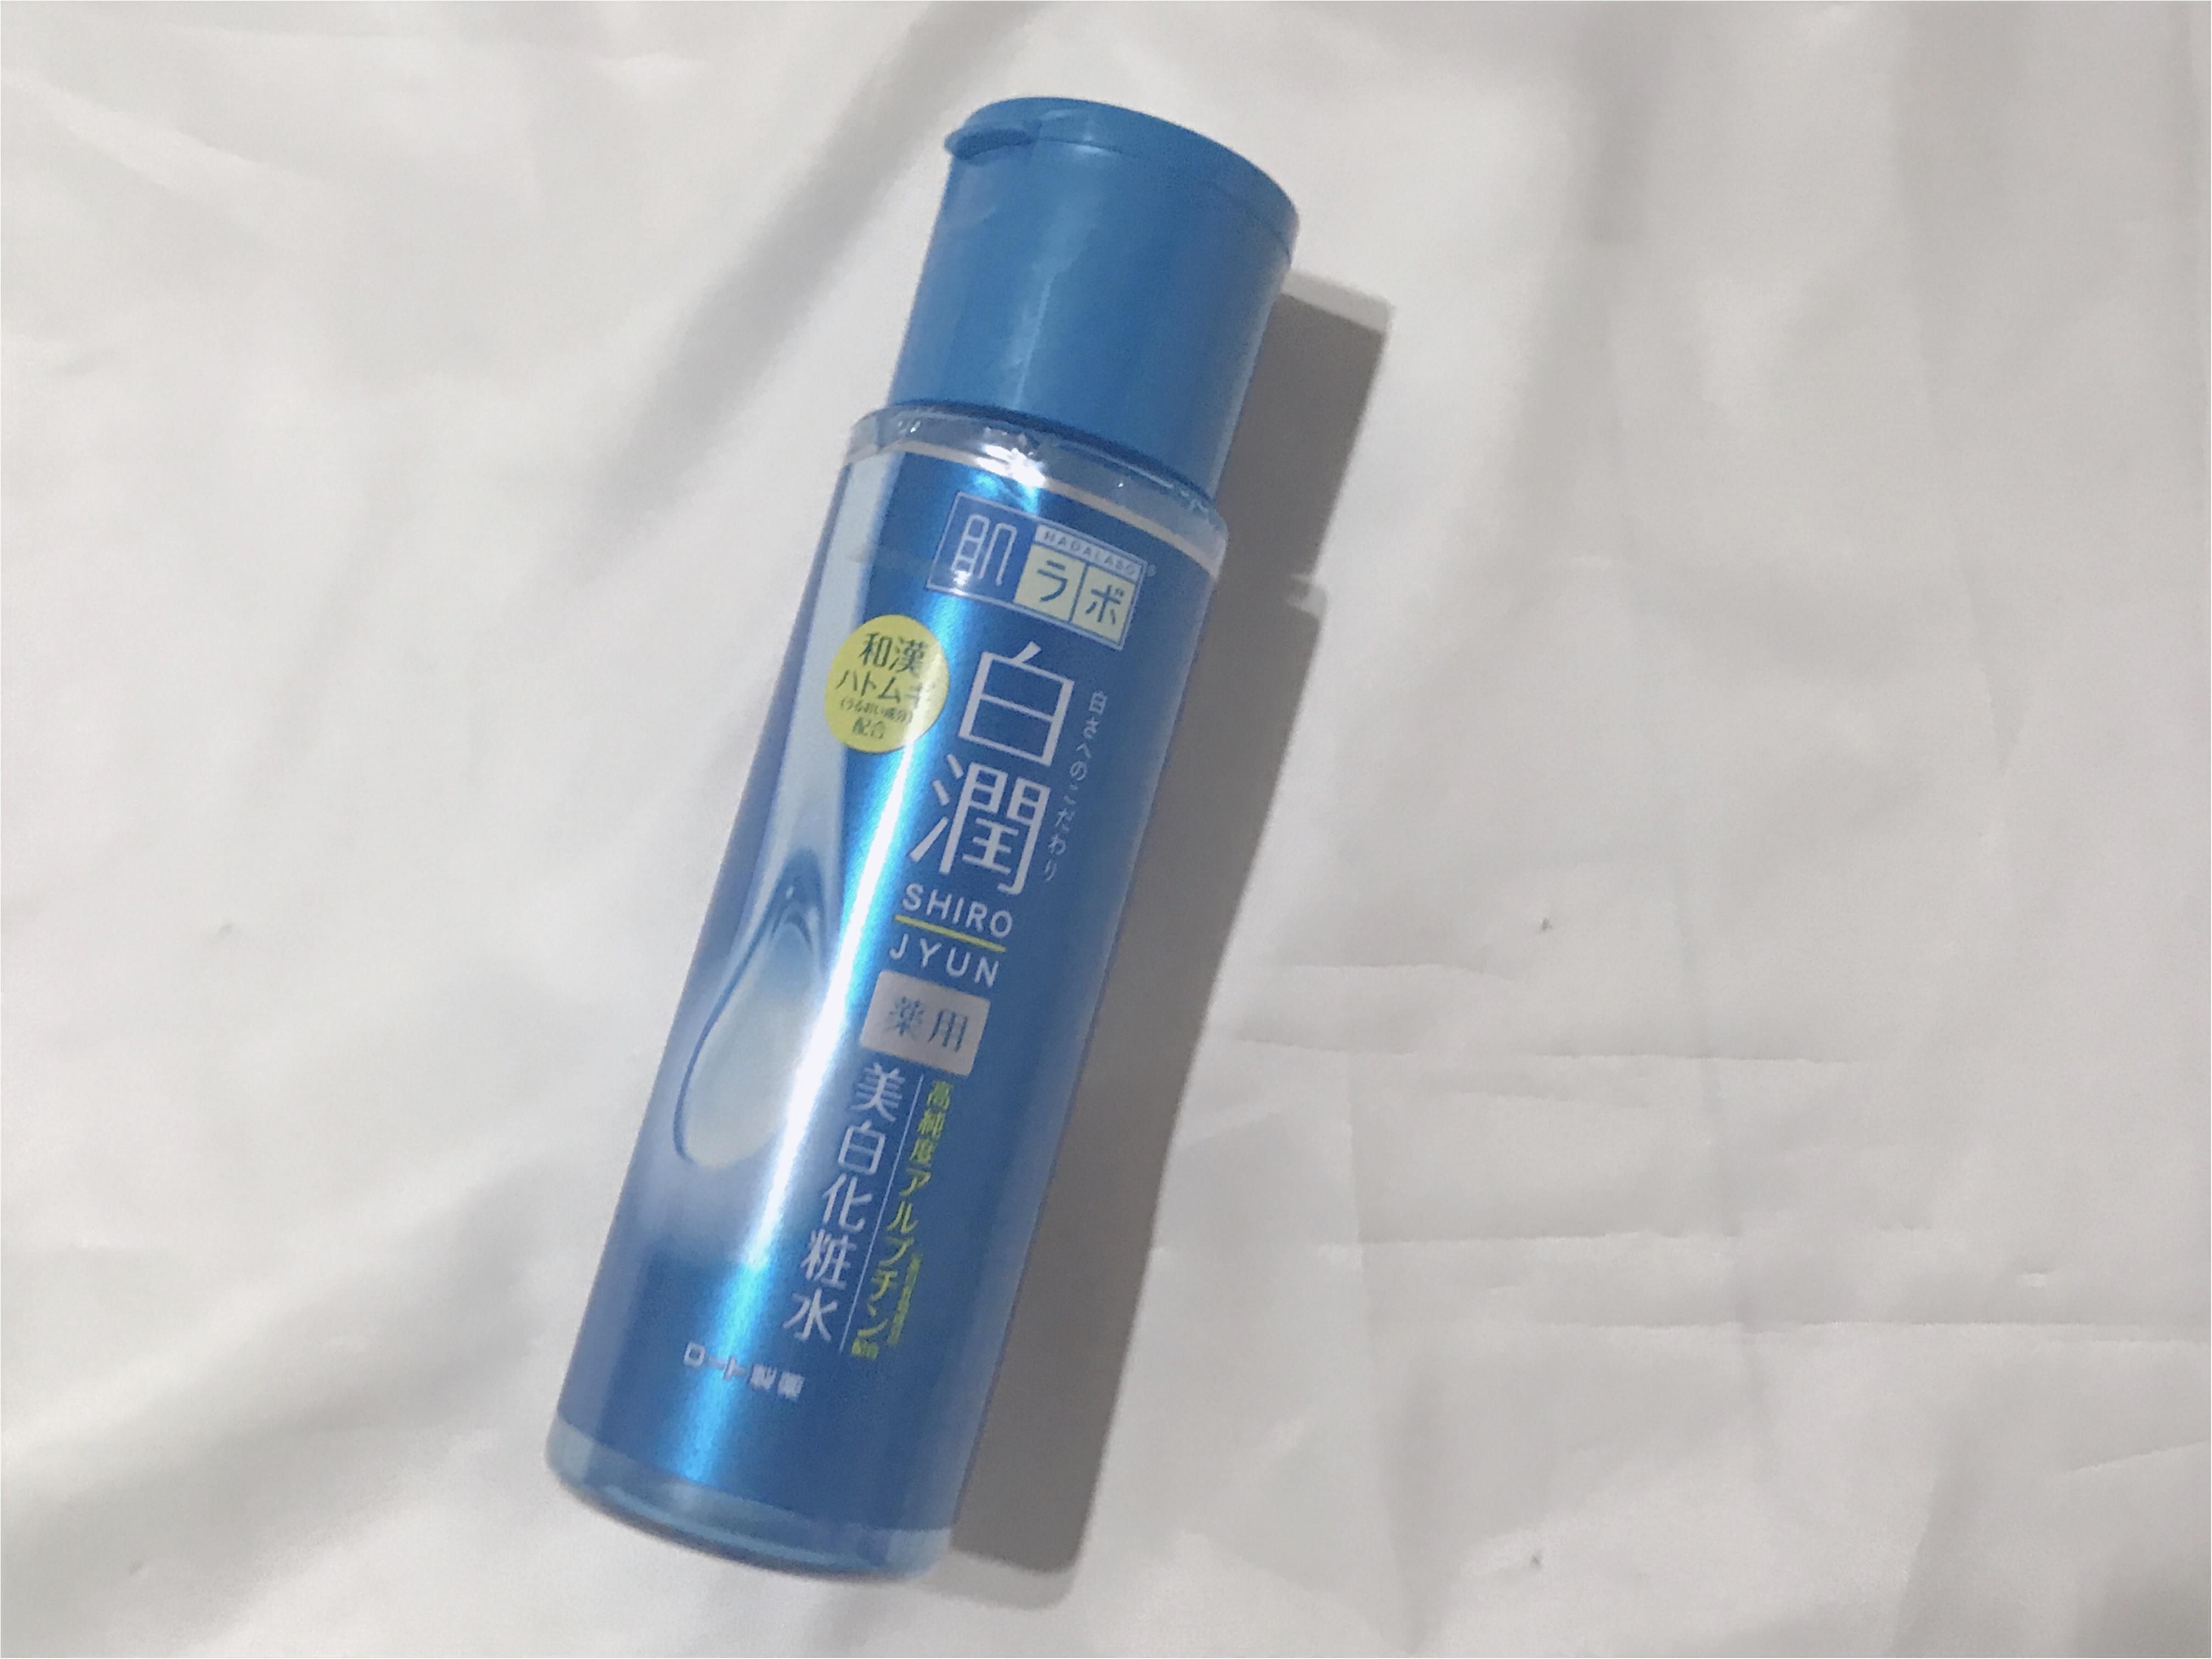 美白化粧品特集 - シミやくすみ対策・肌の透明感アップが期待できるコスメは? 記事Photo Gallery_1_45